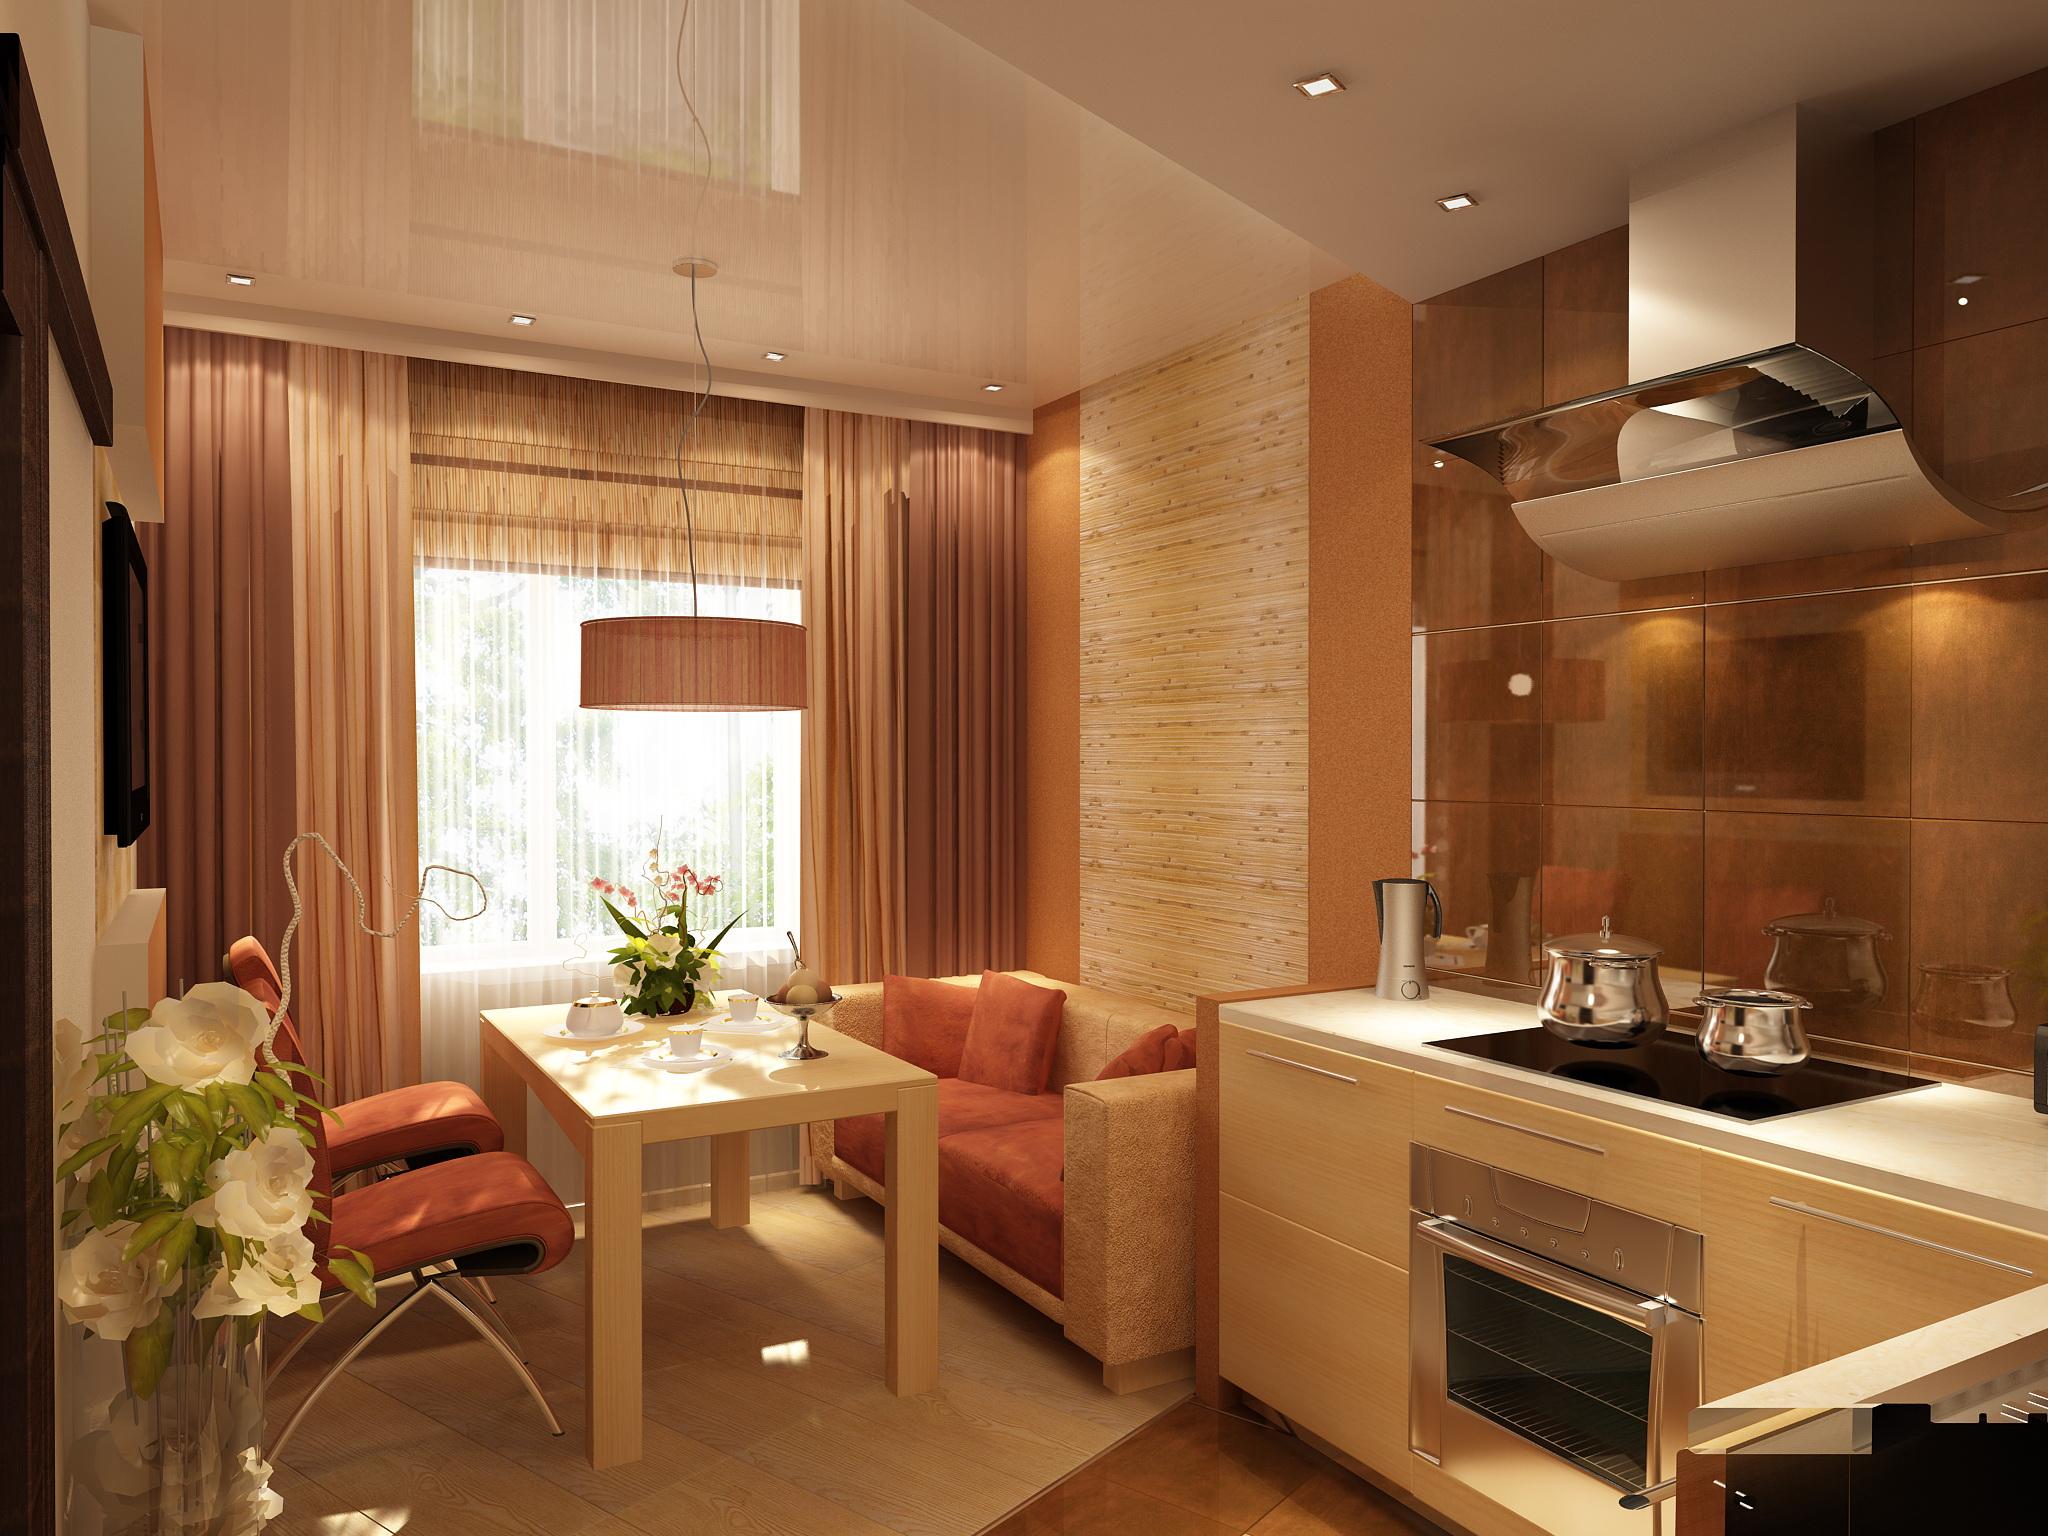 Дизайн кухни 9 кв м с балконом и диваном.